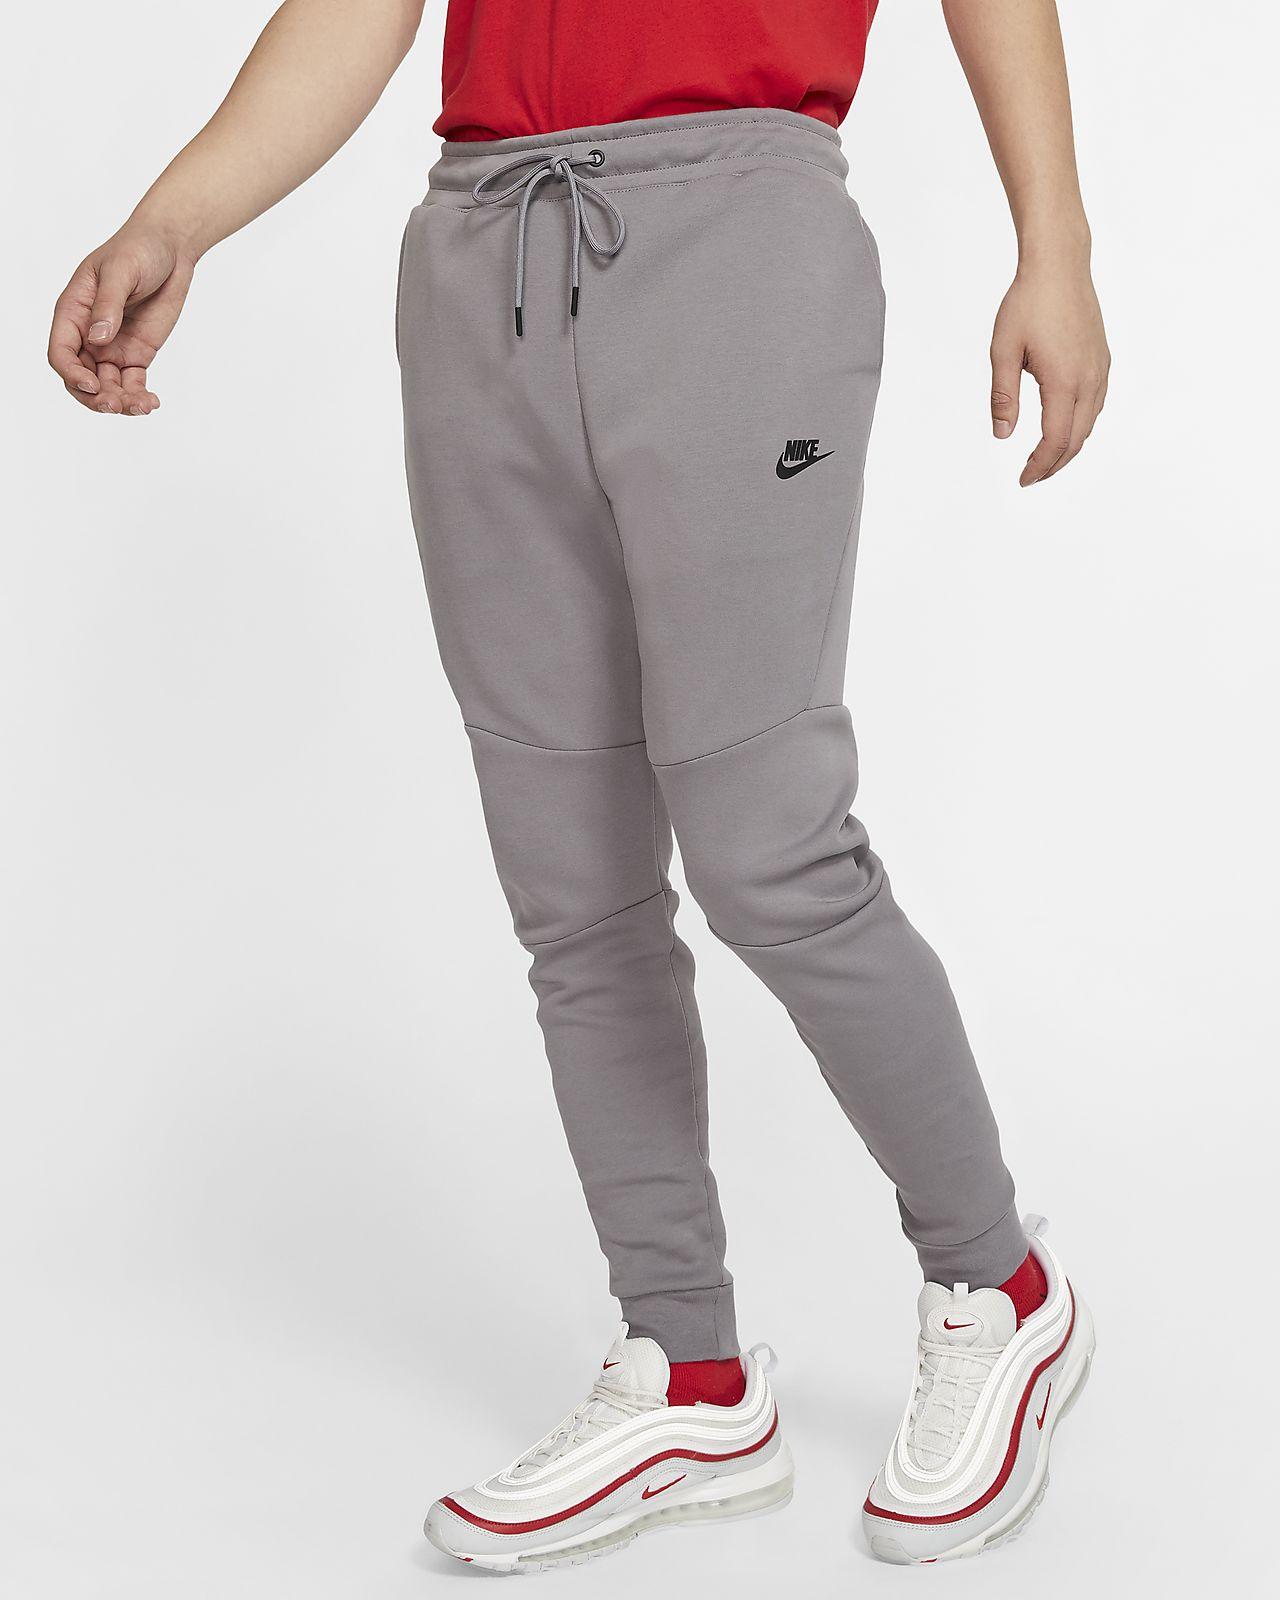 speical offer presenting in stock Pantalon de jogging Nike Sportswear Tech Fleece pour Homme